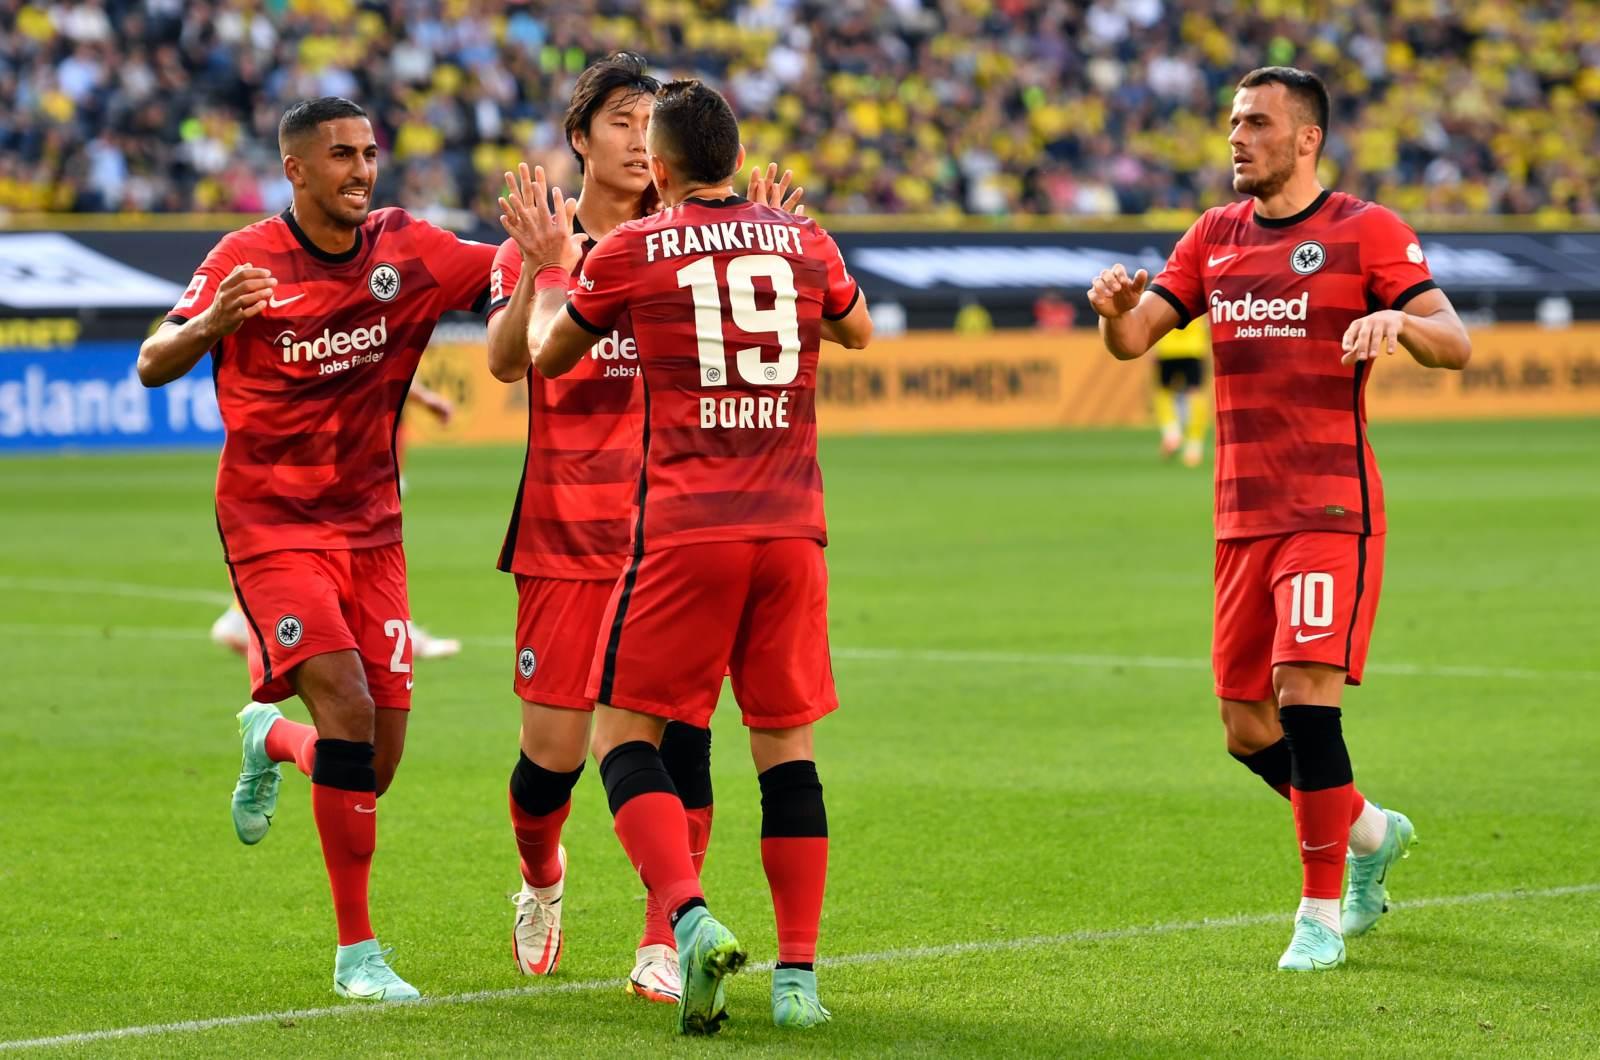 «Айнтрахт» - «Аугсбург»: прогноз и ставка на матч немецкой Бундеслиги - 21 августа 2021